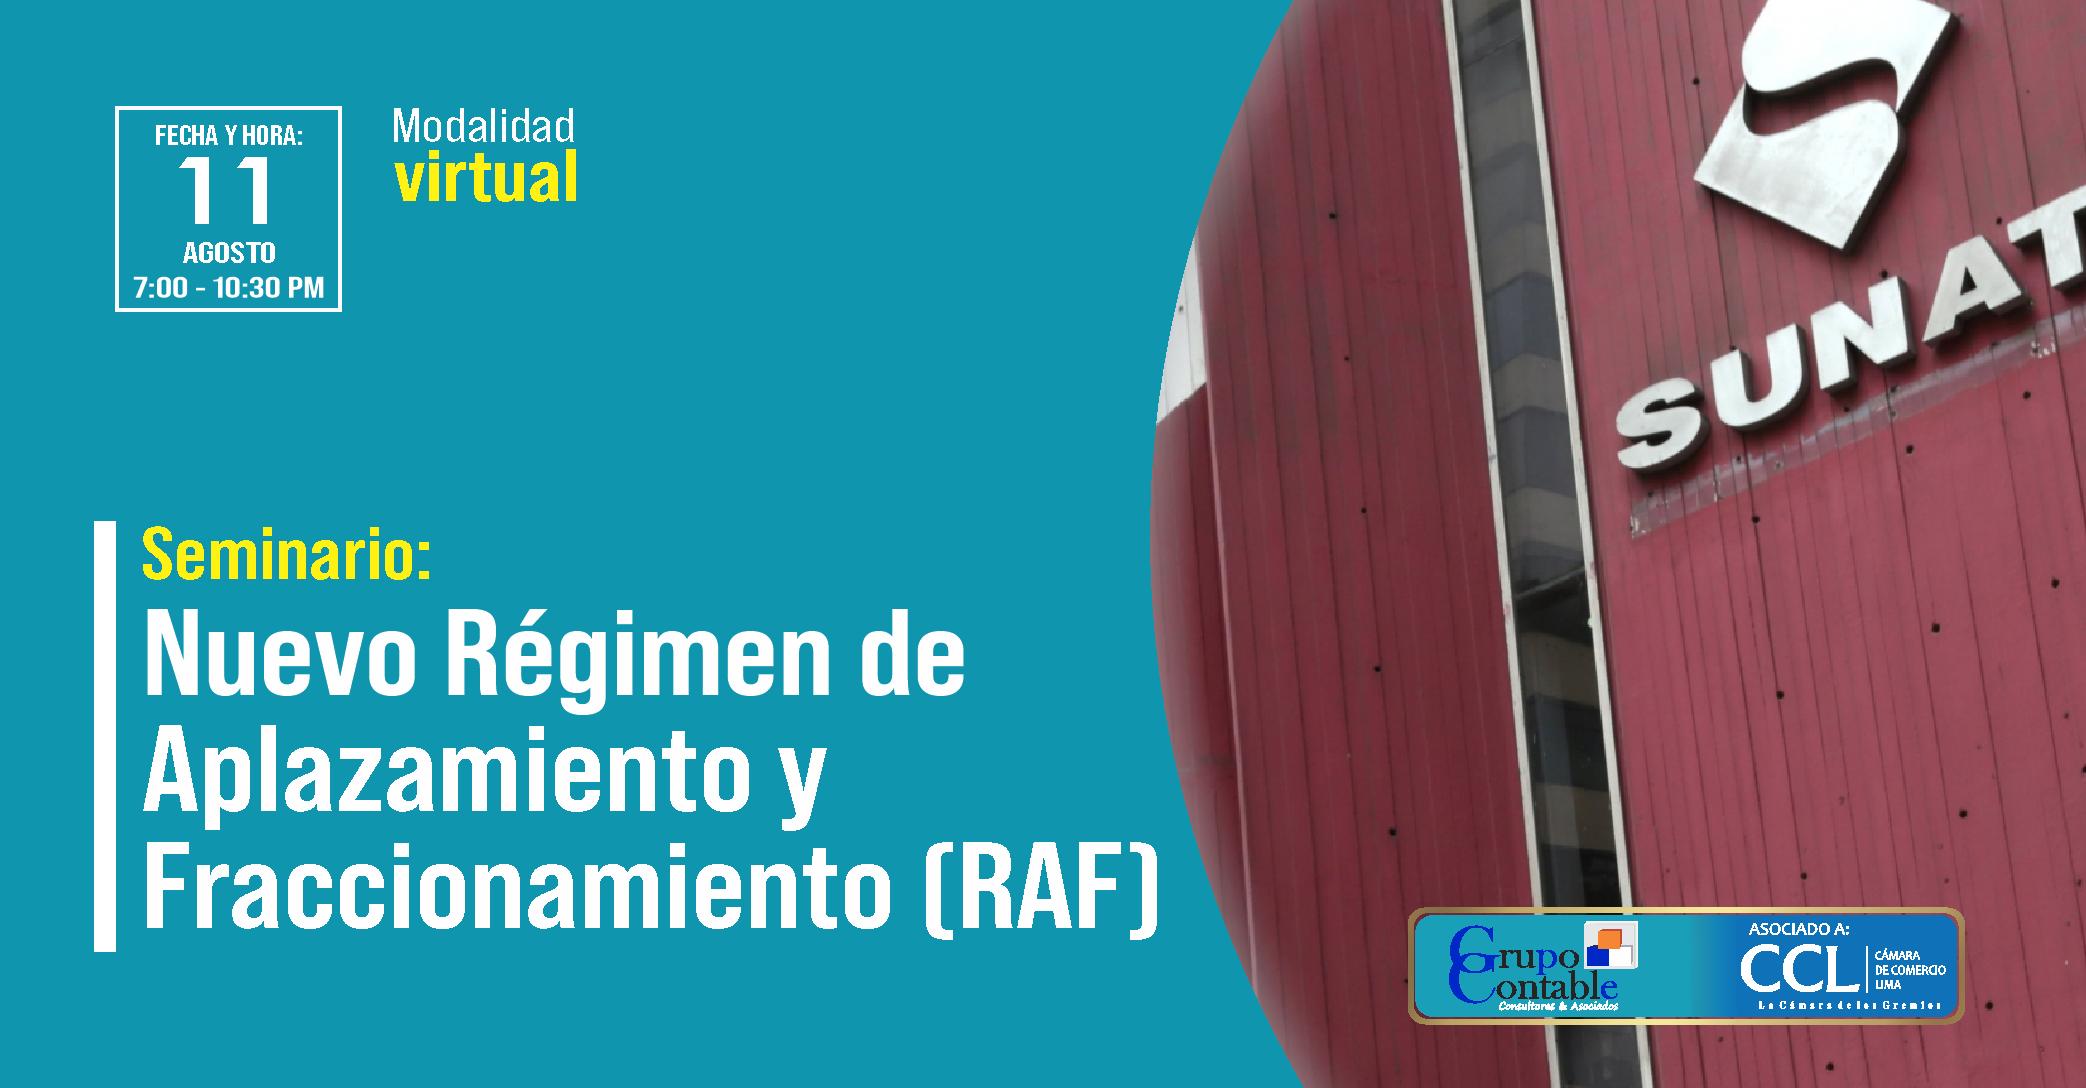 Seminario: Nuevo Régimen de Aplazamiento y Fraccionamiento (RAF)